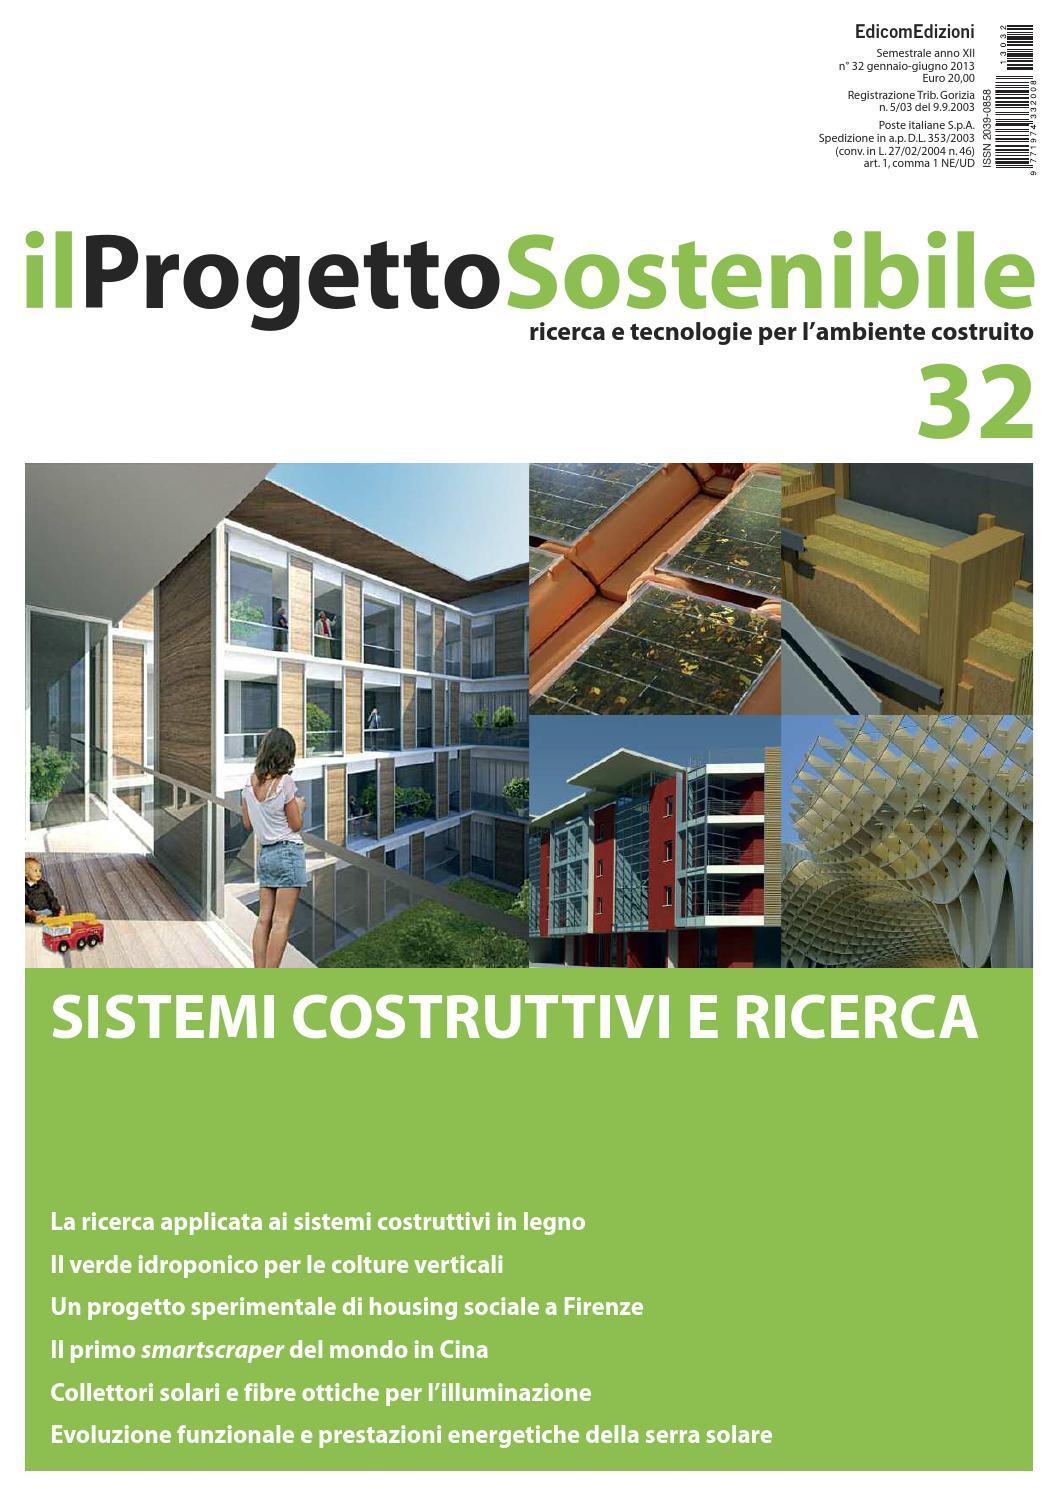 Serra Bioclimatica Normativa Lombardia ilprogettosostenibile 32 by edicomedizioni - issuu